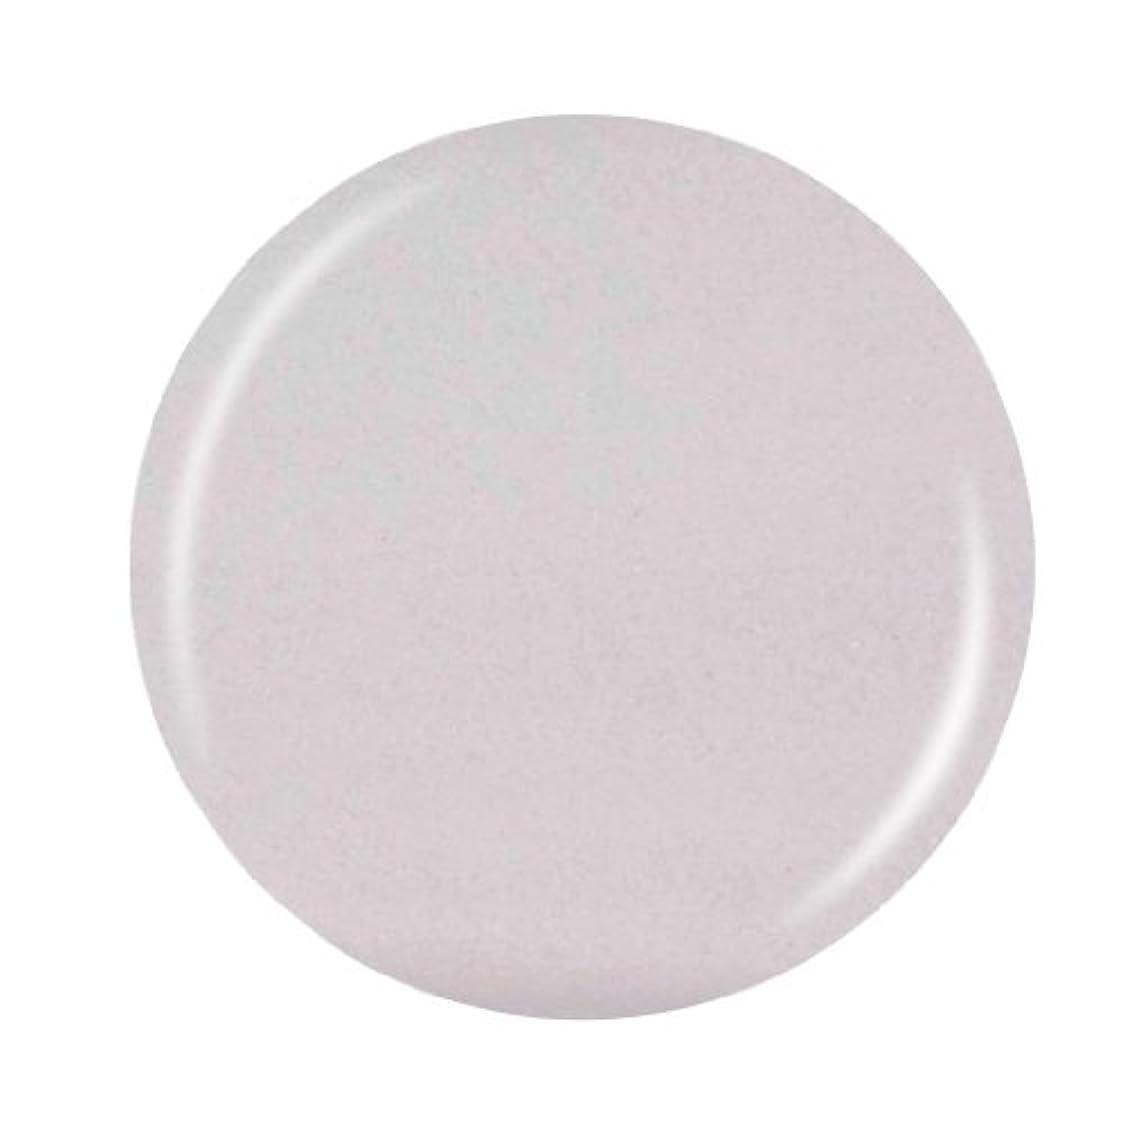 パネルロープ食堂EzFlow Acrylic Powder - Murano Glass Collection - Wispy - 0.5oz / 14g